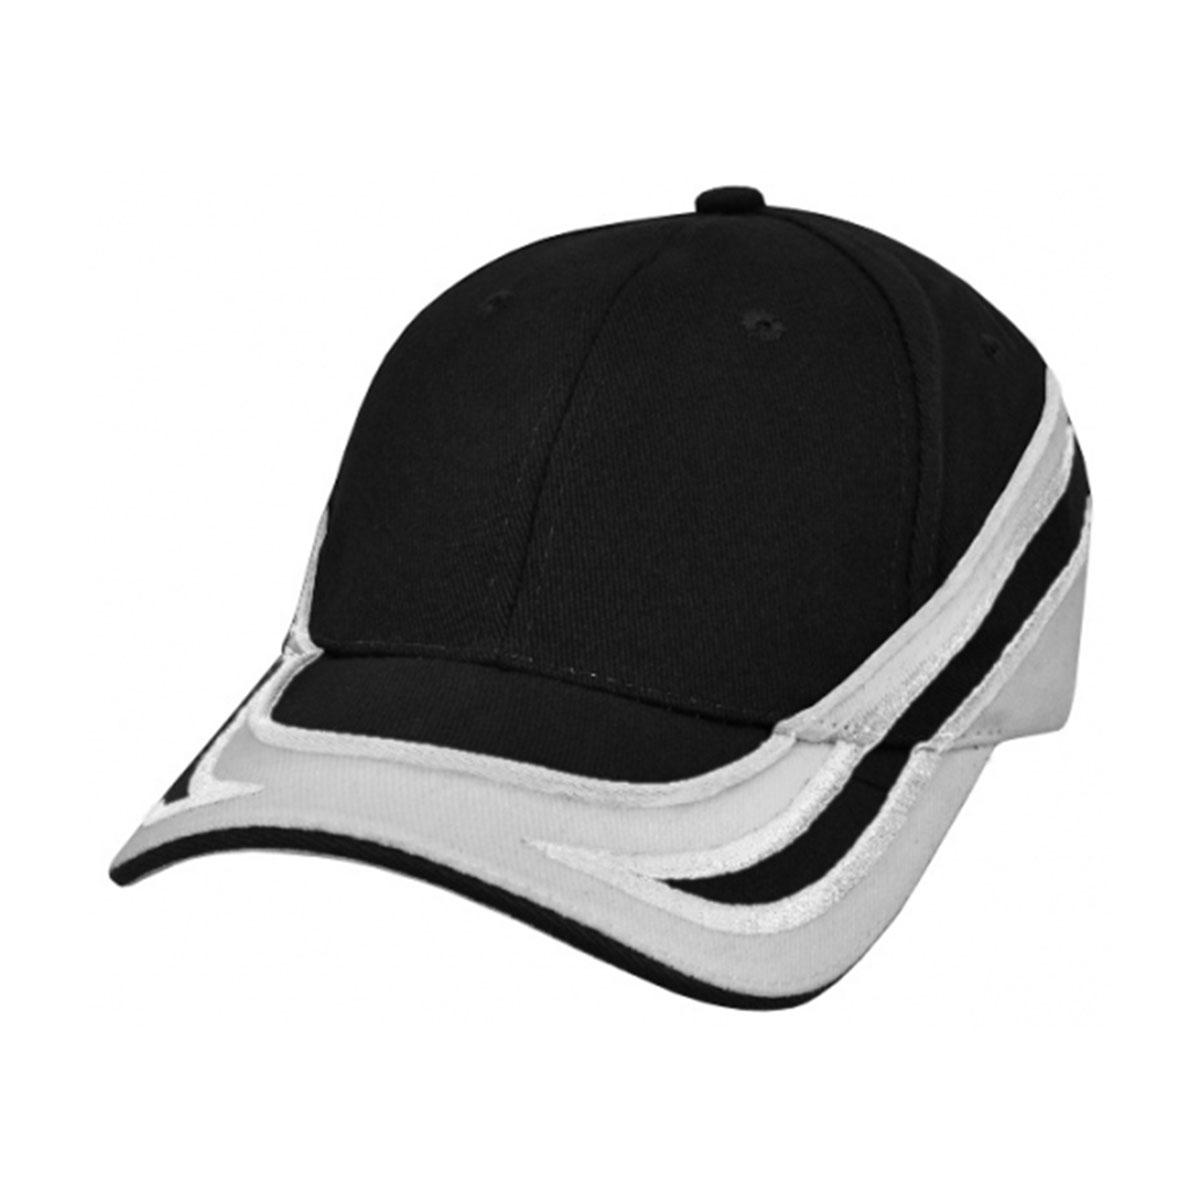 Emporer Cap-Black / White